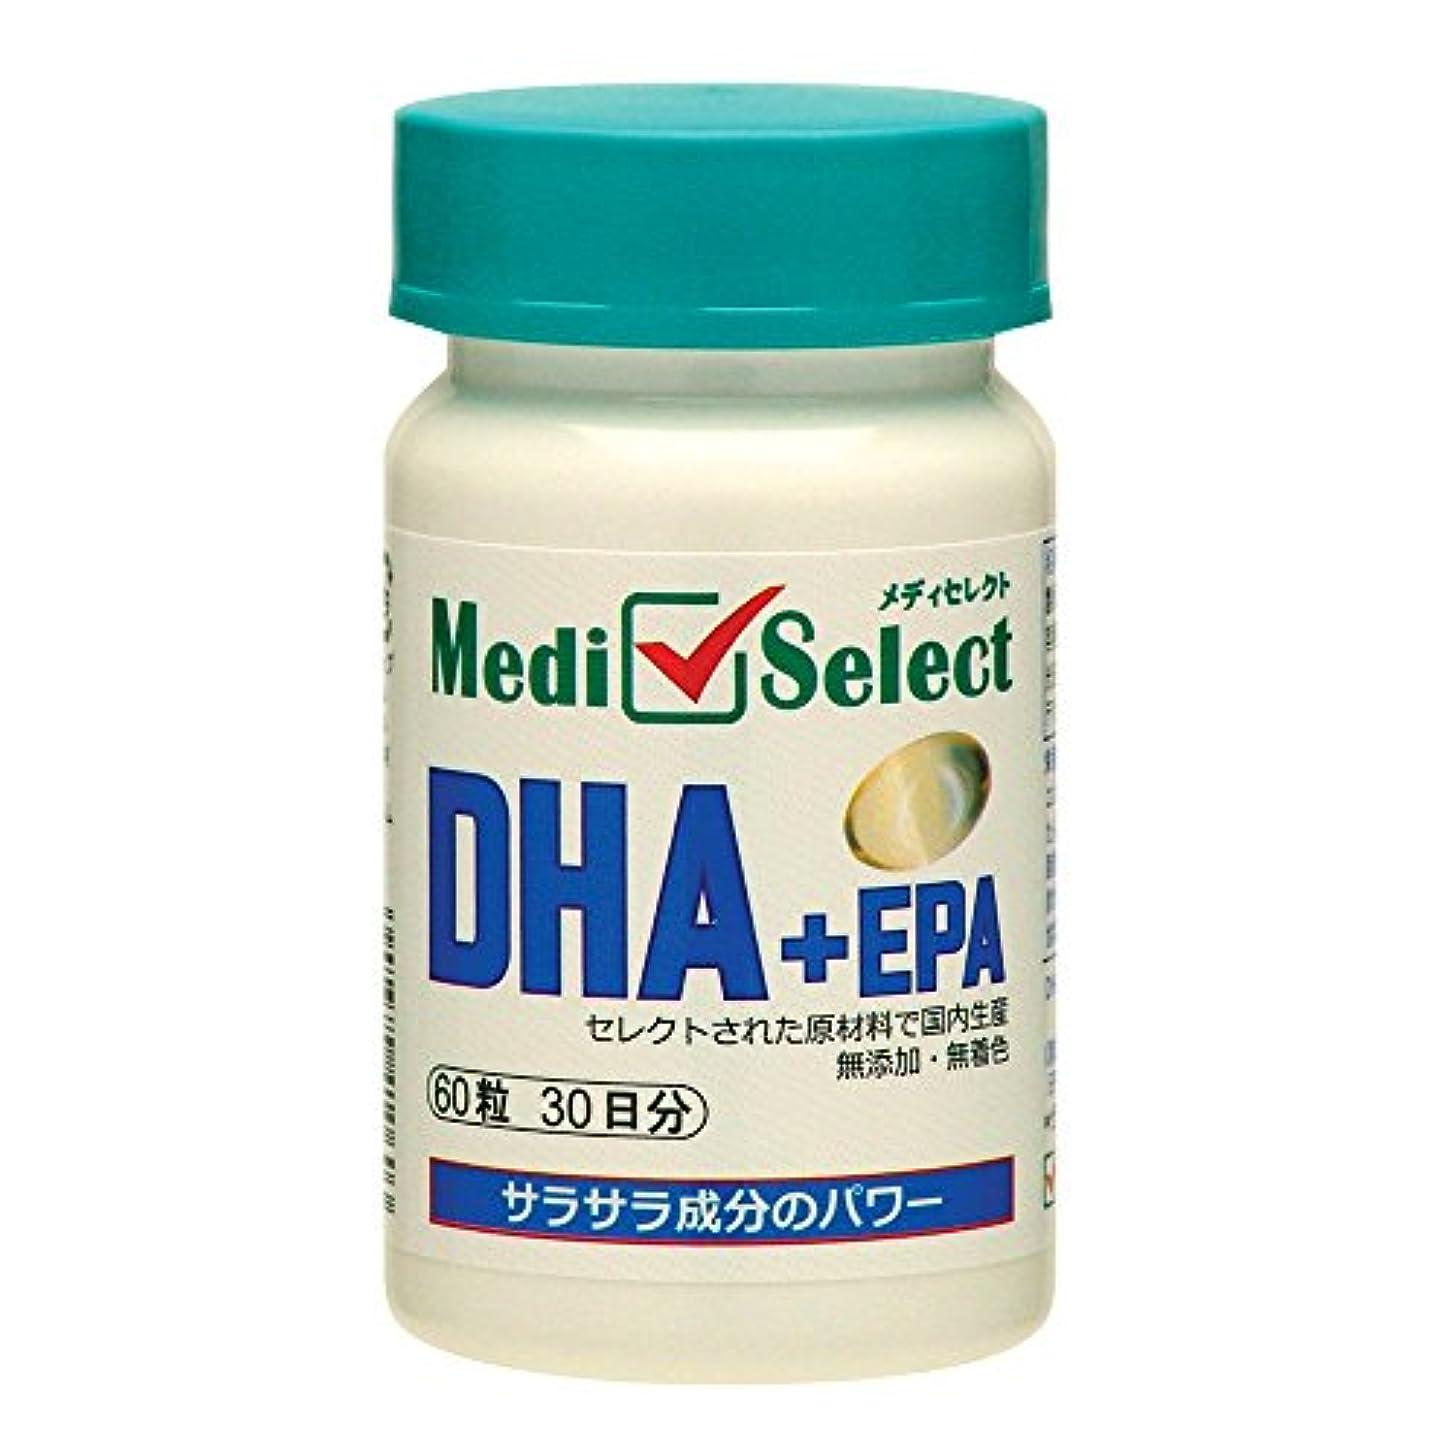 ペストリー怖がって死ぬどこかメディセレクト DHA+EPA 60粒(30日分)